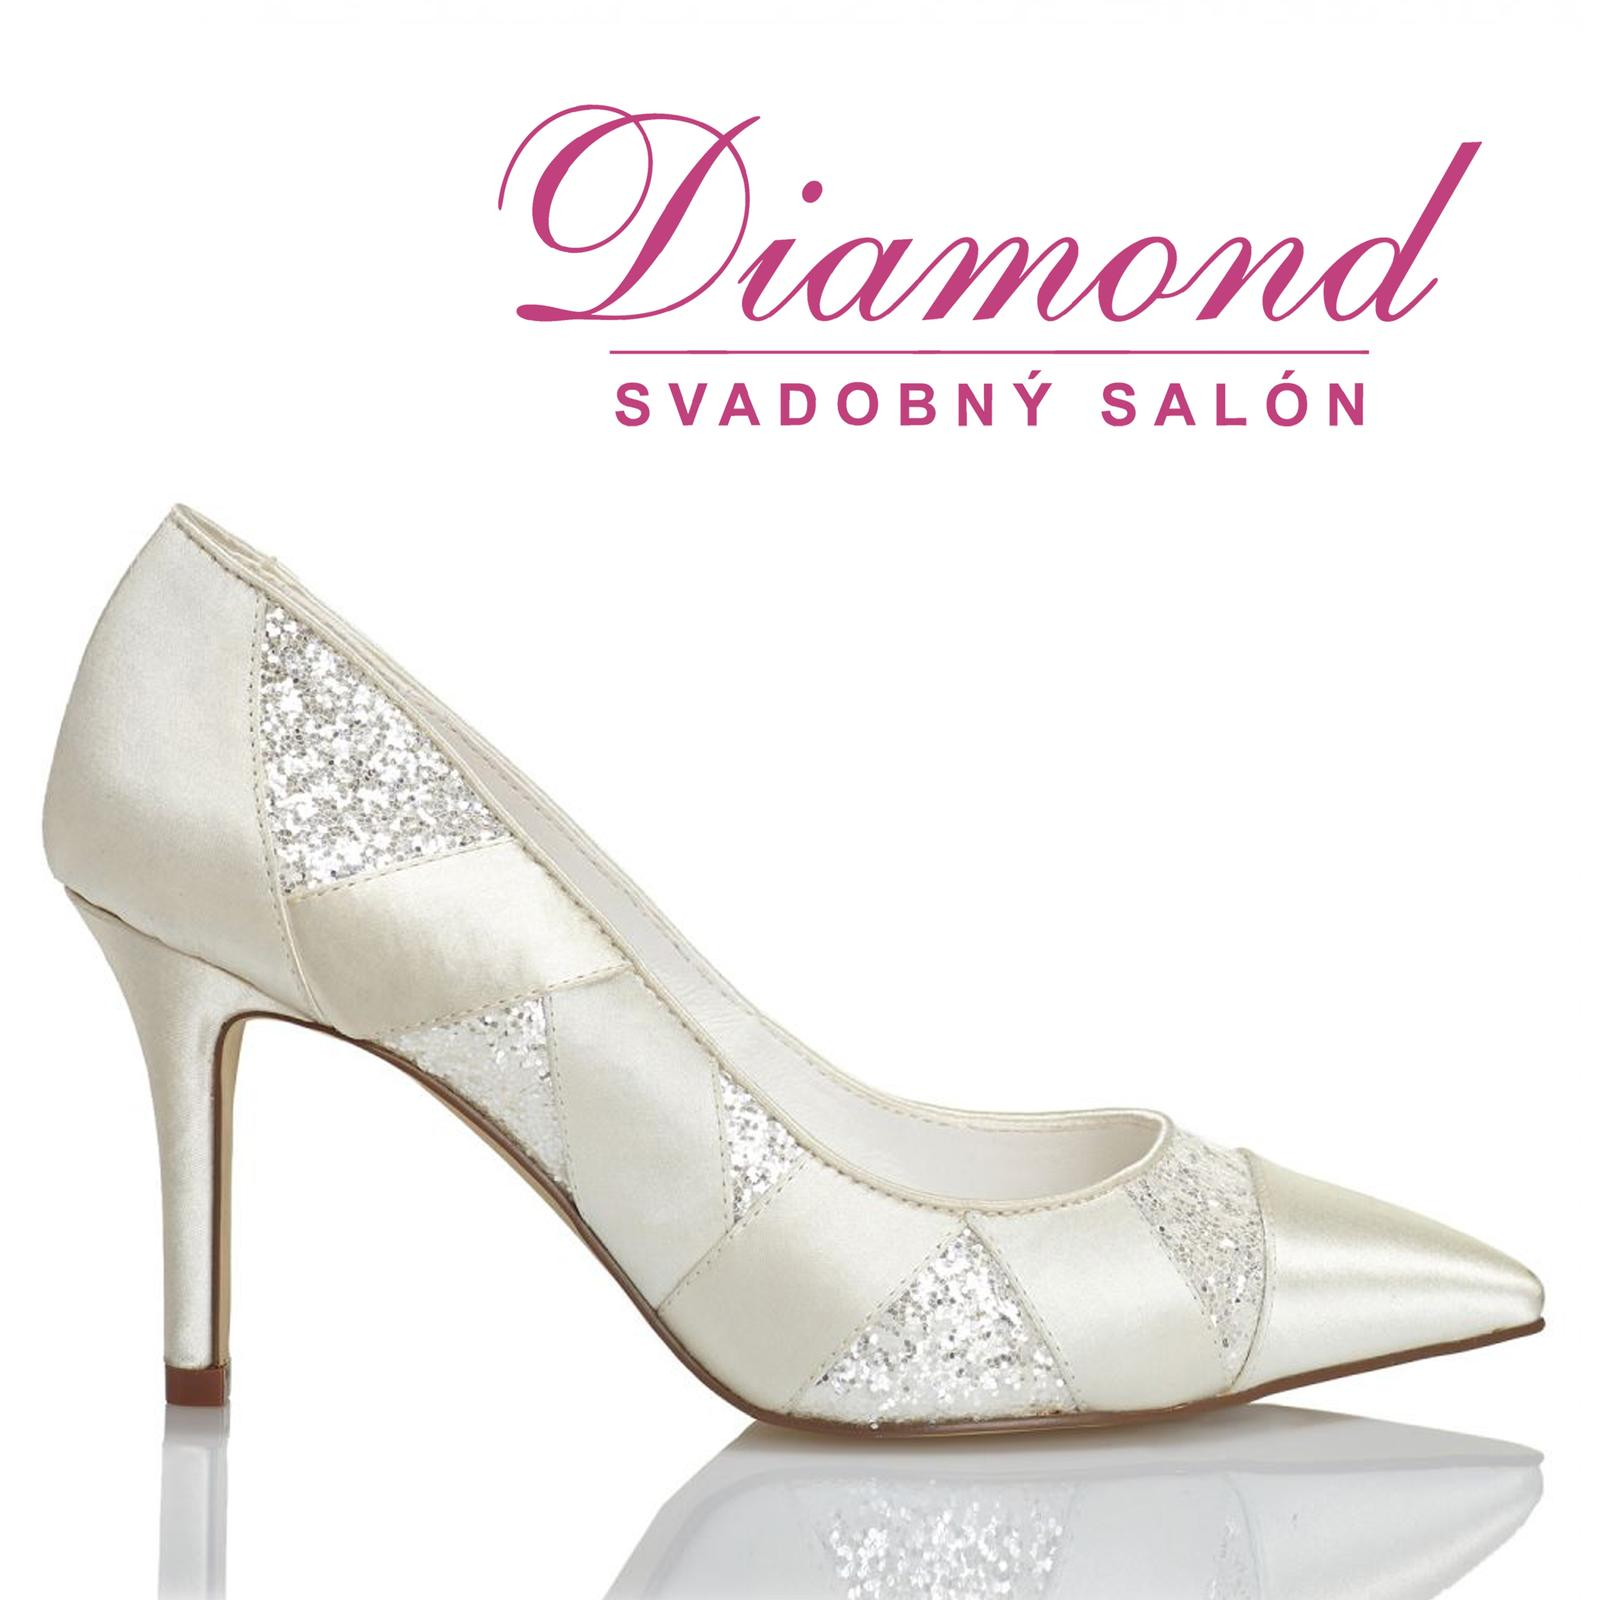 Svadobné topánky Marta (6211) - Obrázok č. 1